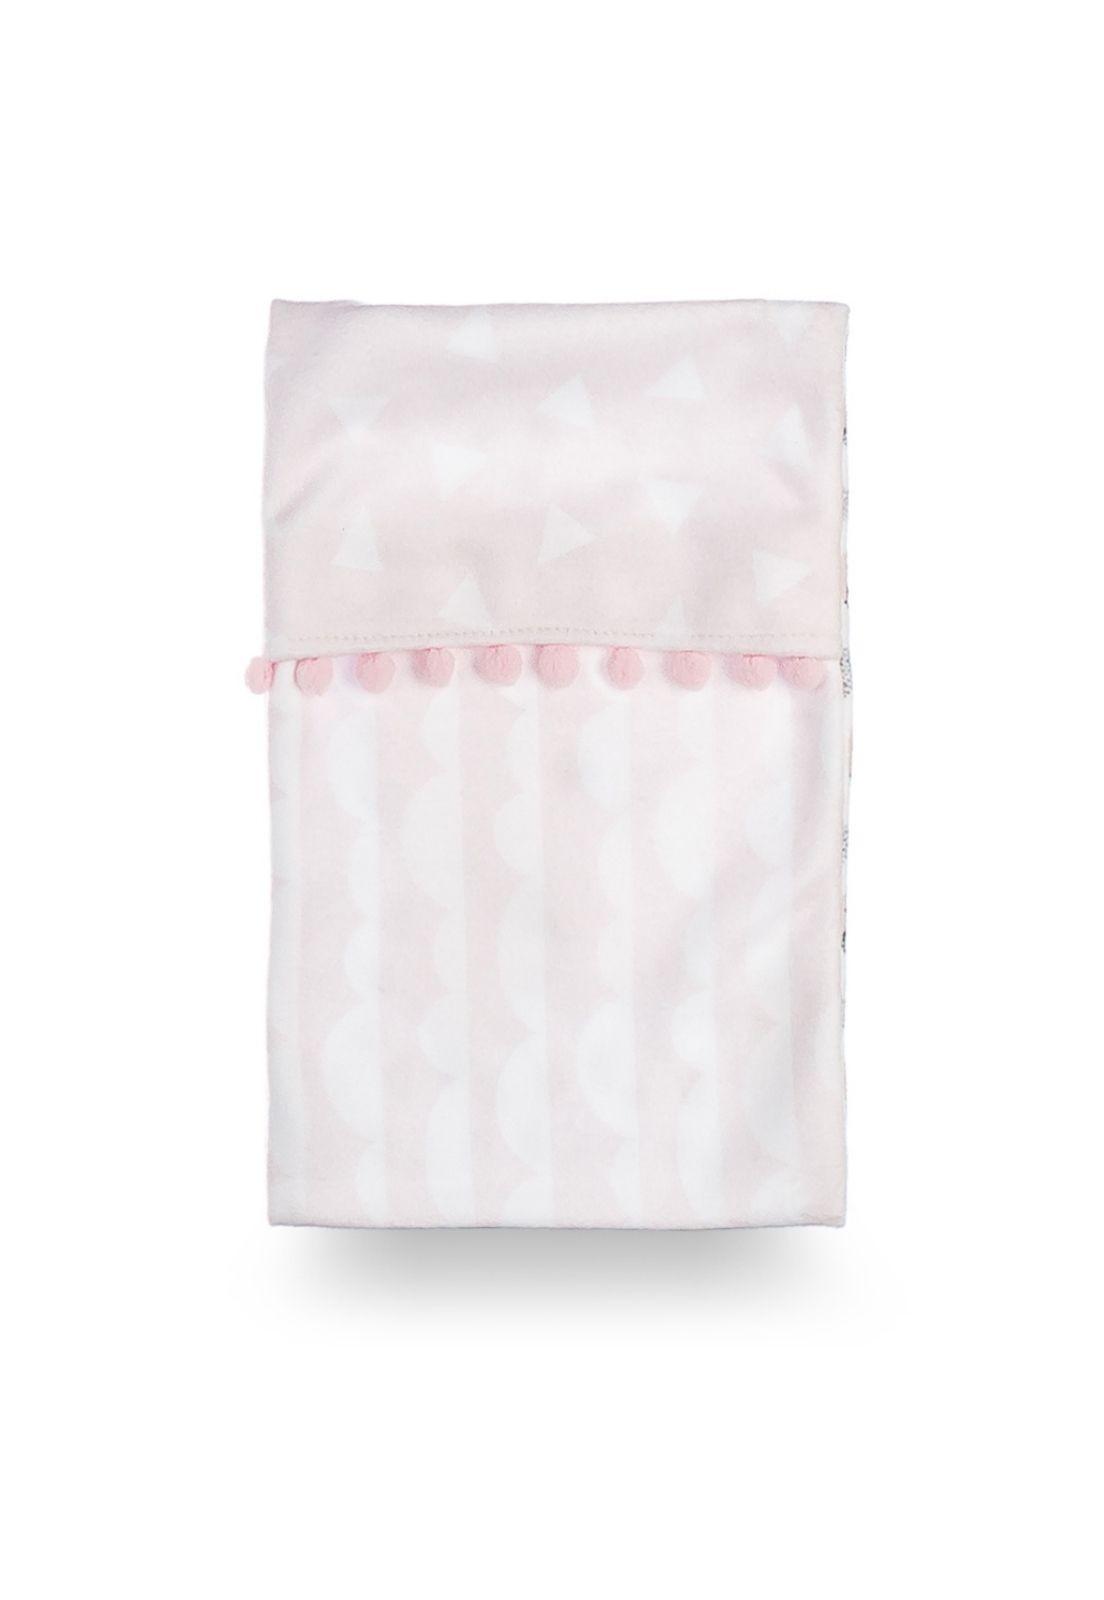 Bolsa Térmica de Sementes - Coleção Flamingo Rosa